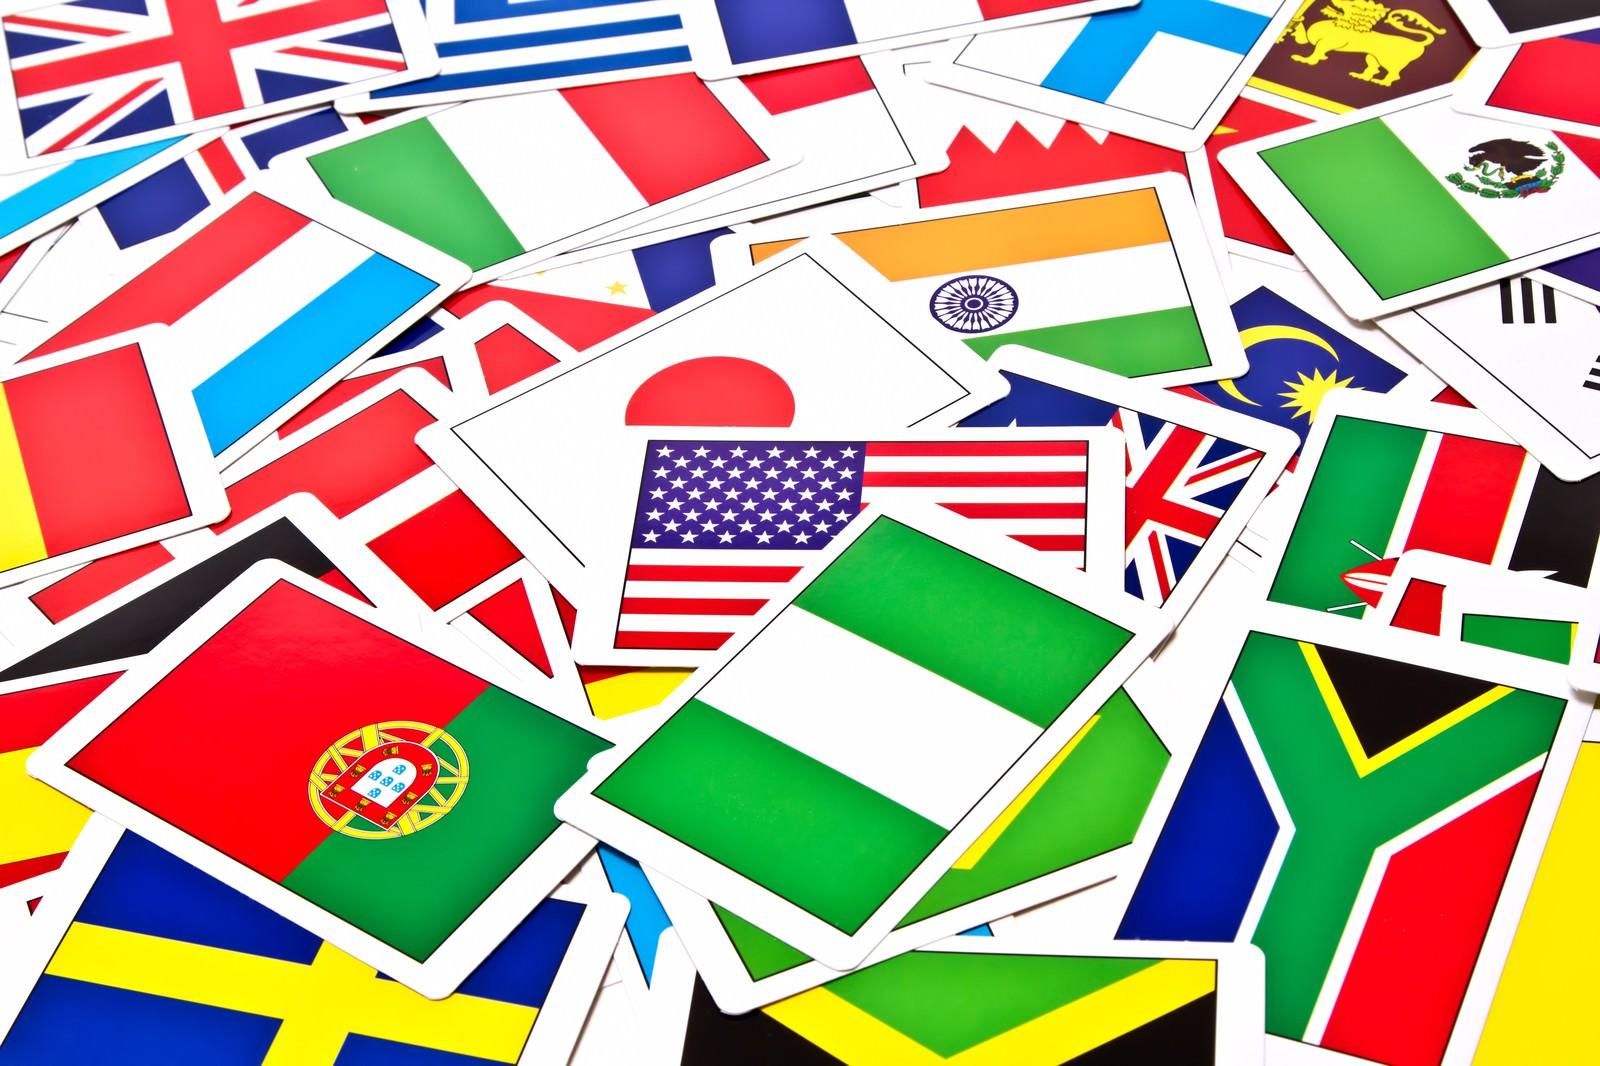 「散らばった国旗カード」の写真